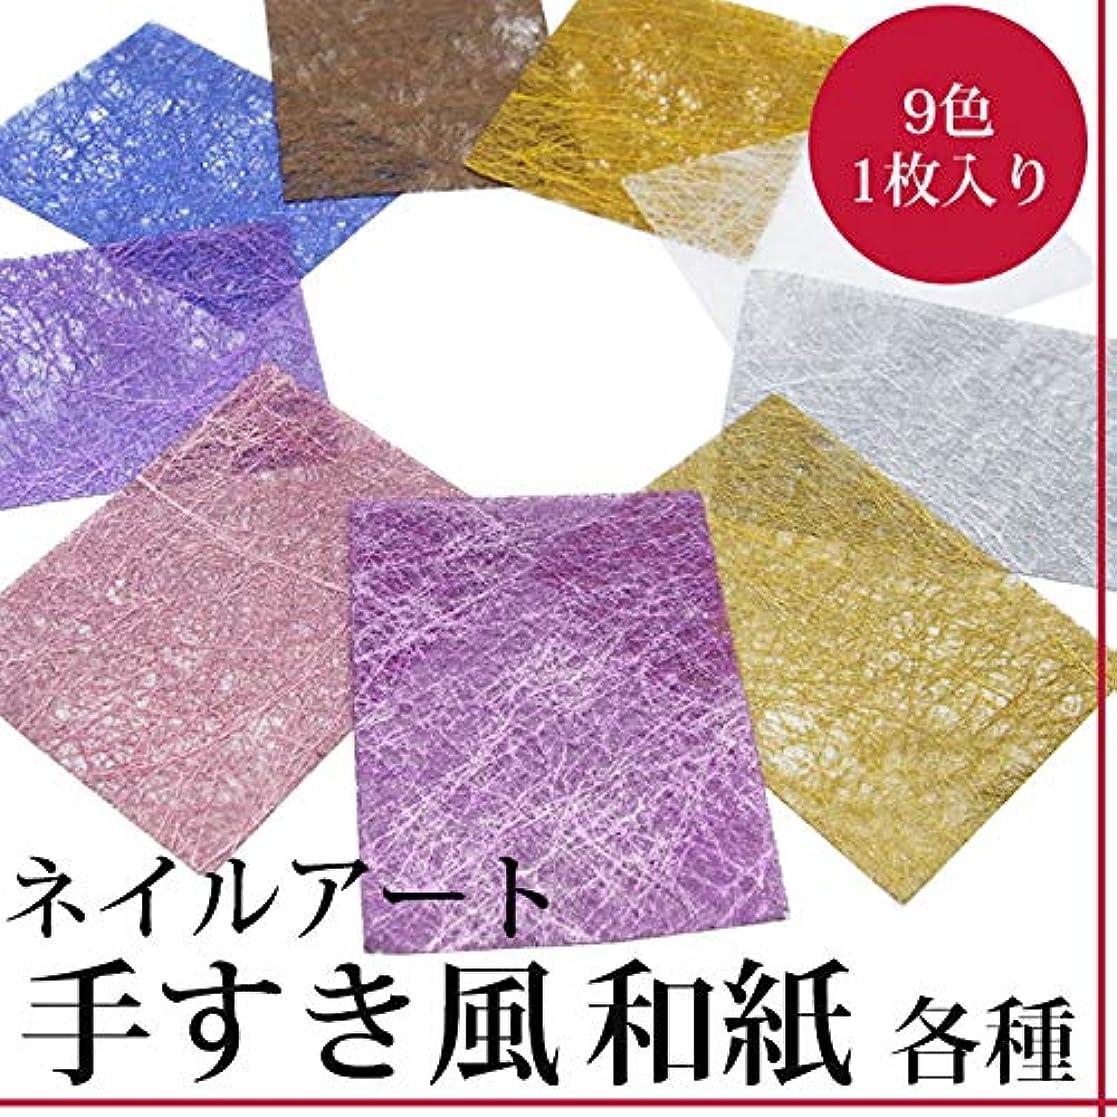 コミット懐疑的ほこりネイルアート 手すき風和紙 1枚 (4.しろ色)